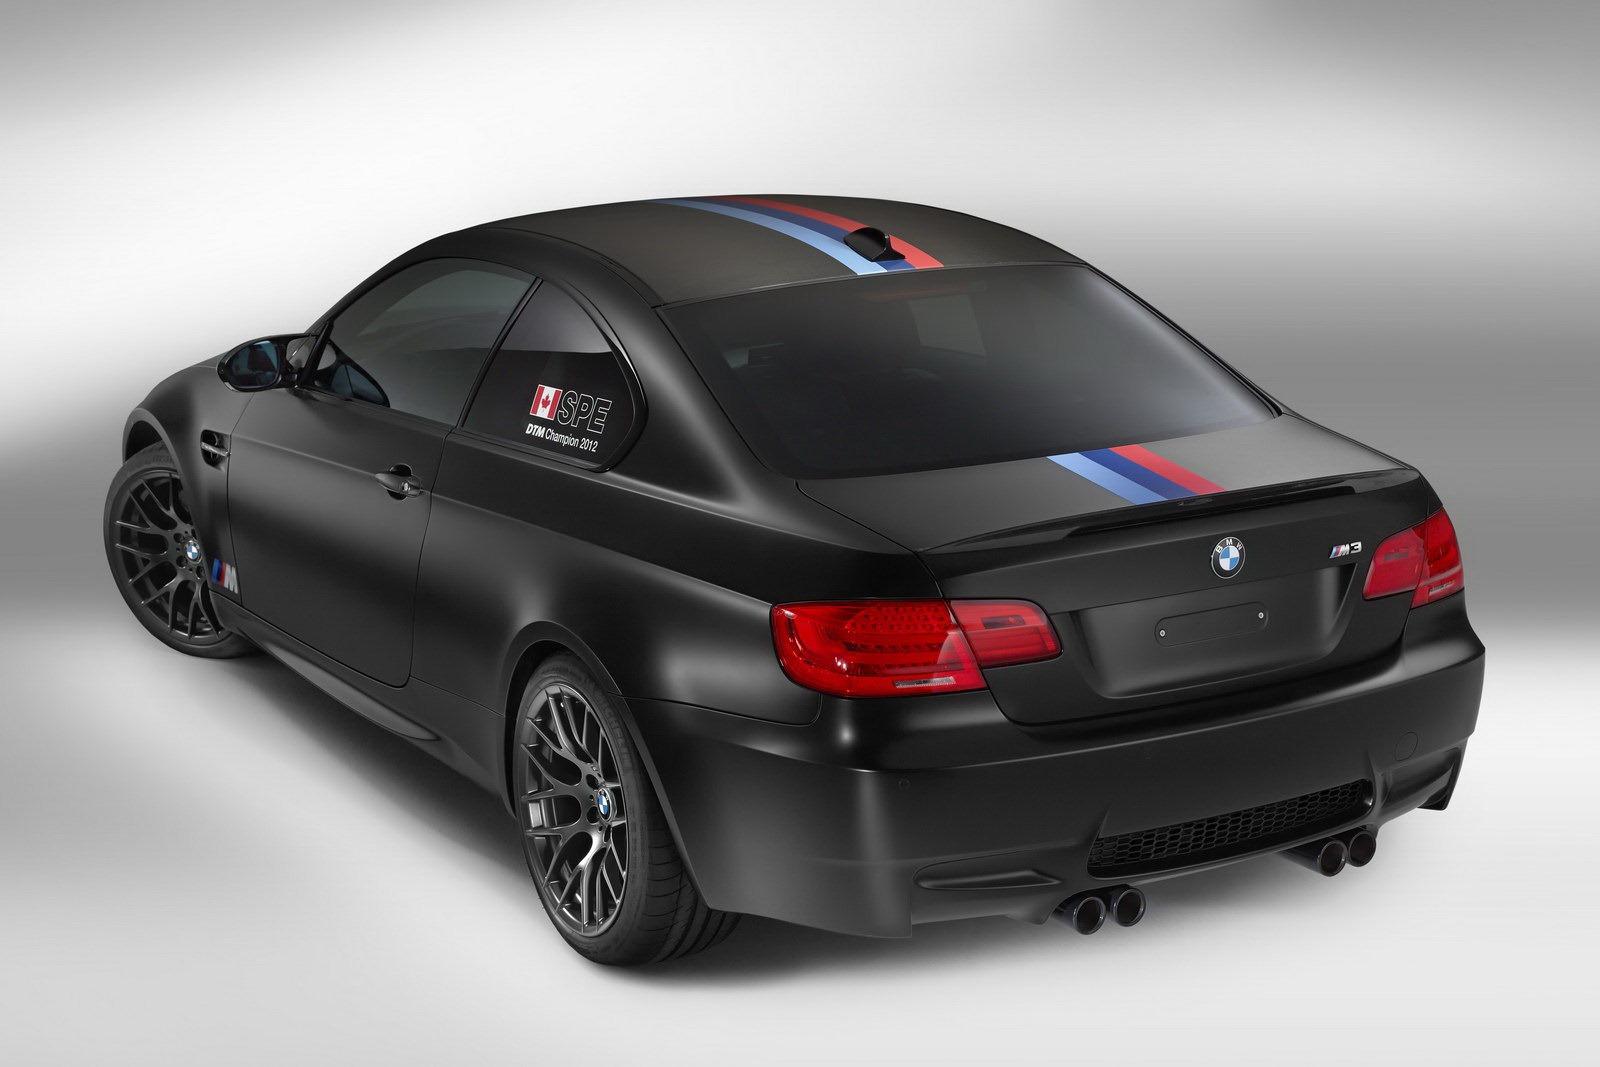 E92 BMW M3 DTM Championship edition